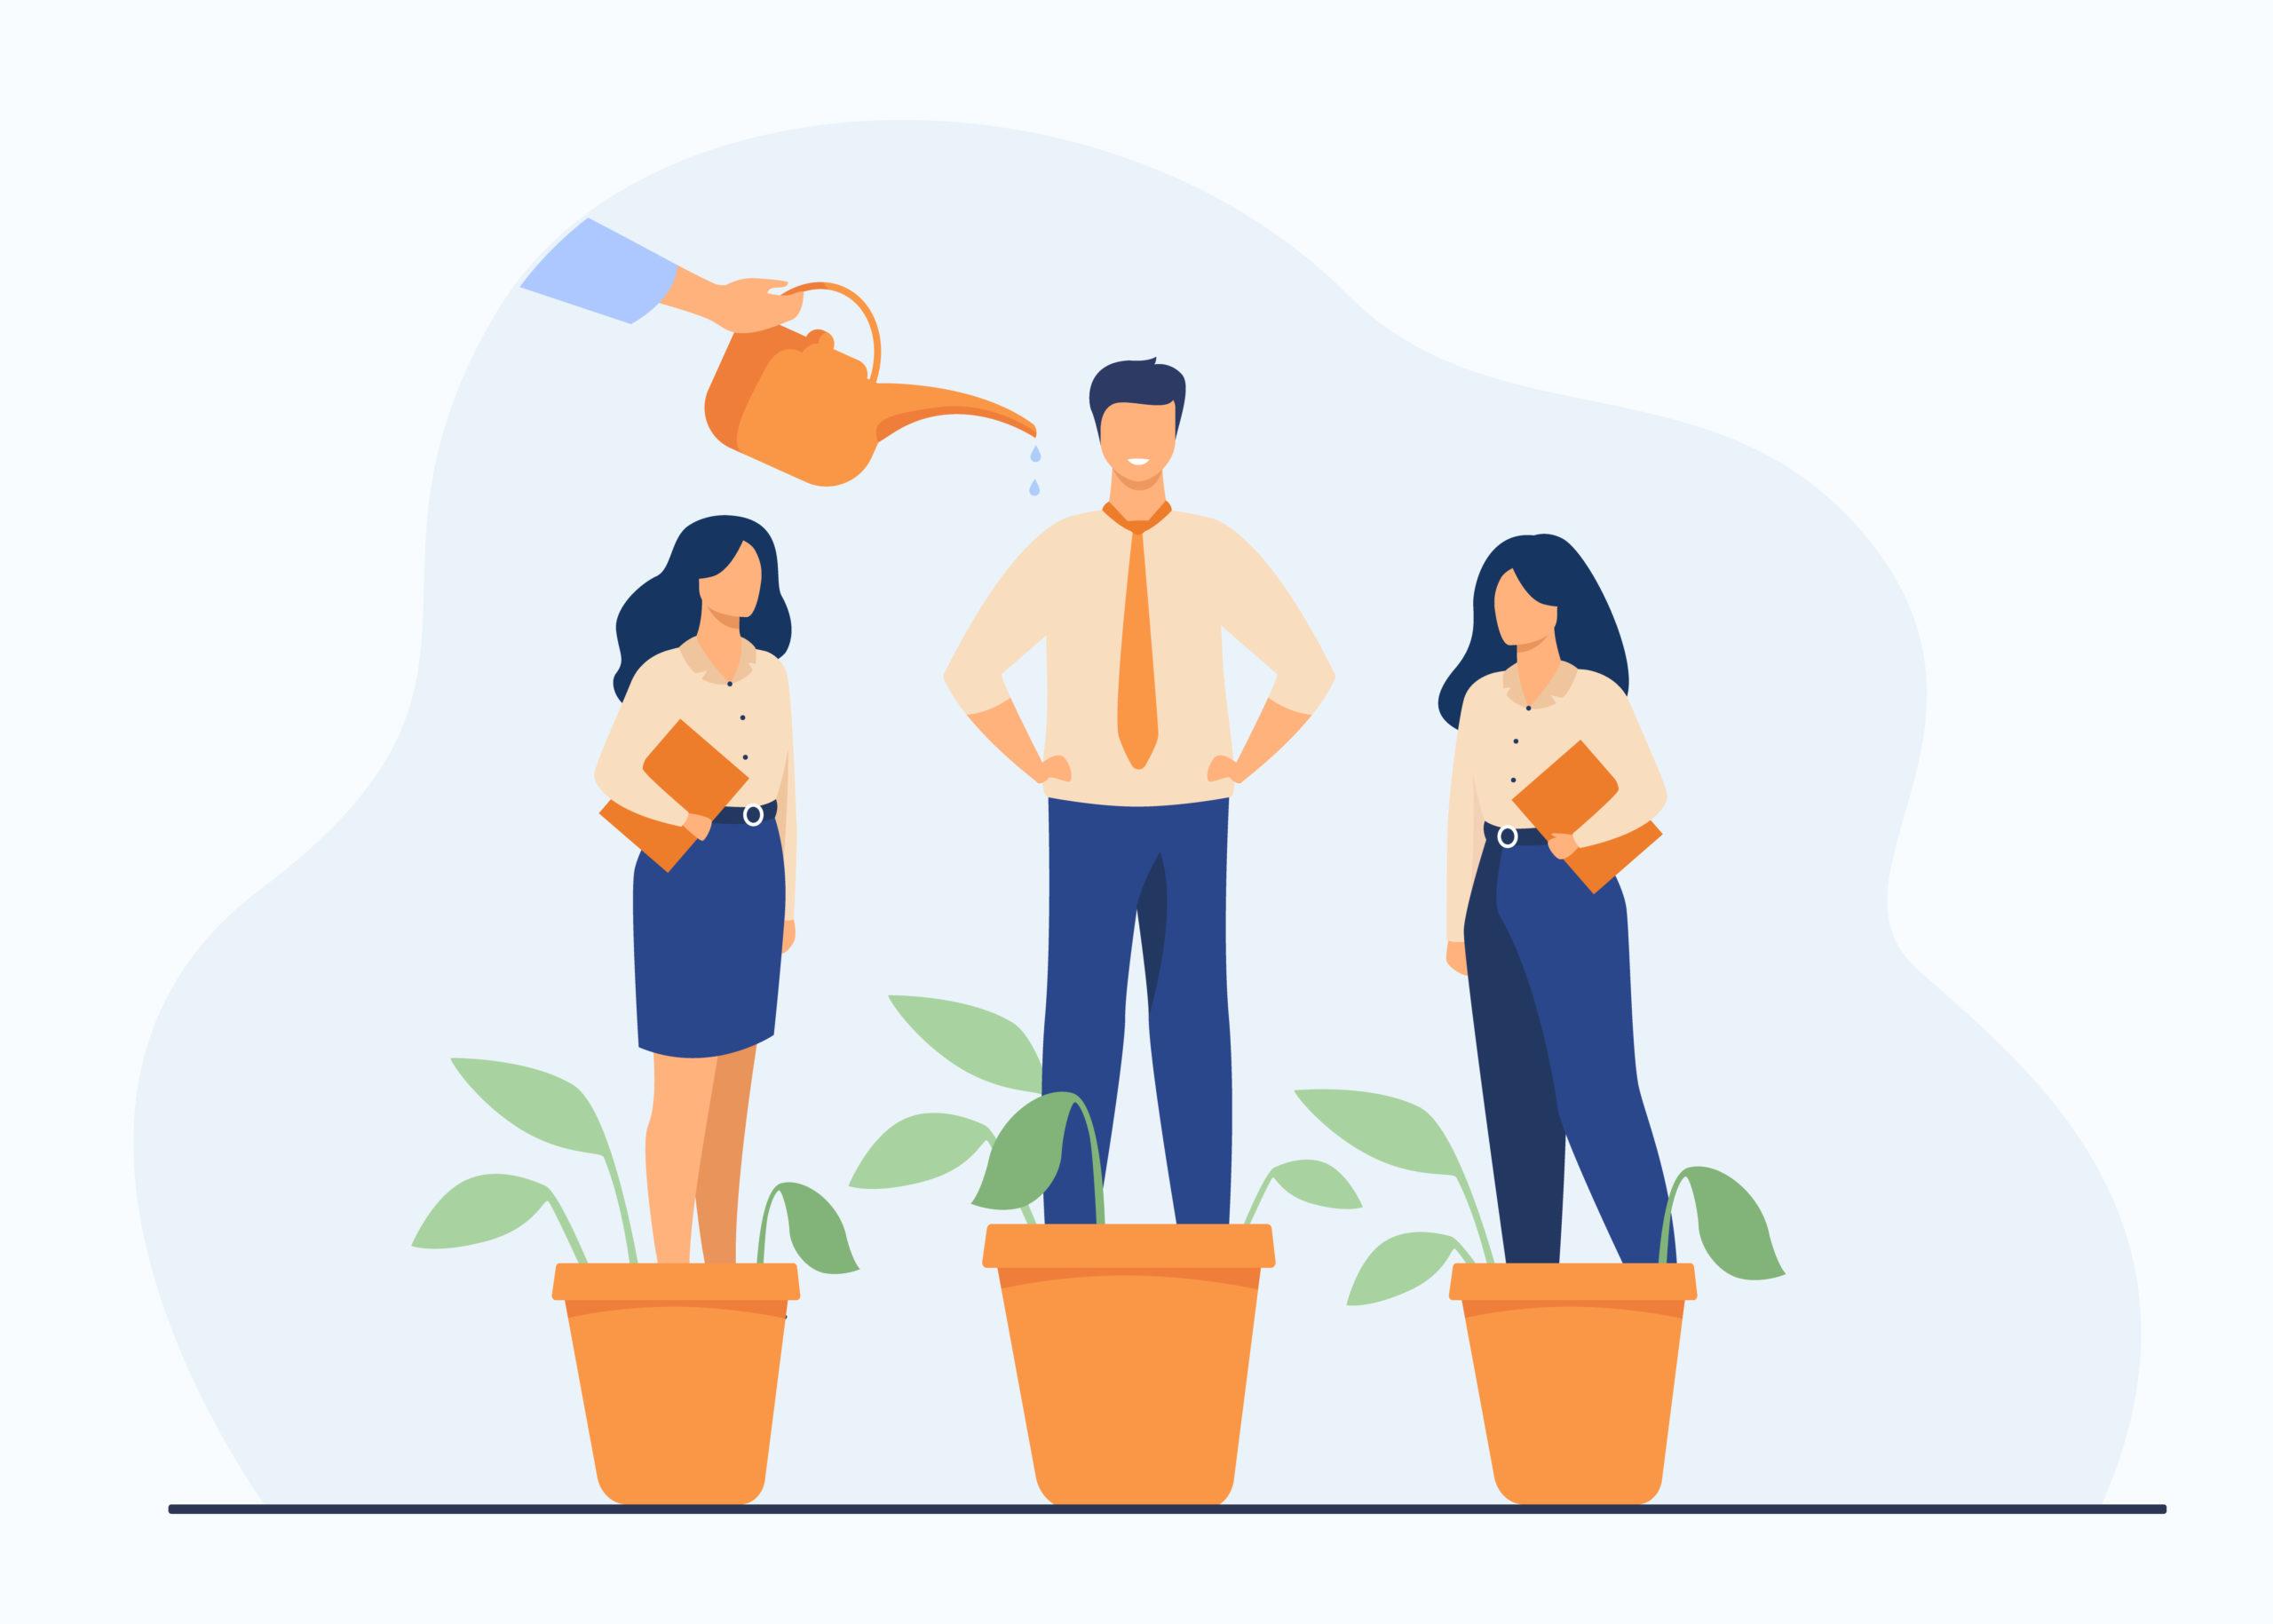 Métaphore arrosage à la main des plantes et des employés dans des pots de fleurs.       avec des professionnels de l'entreprise en pleine croissance.